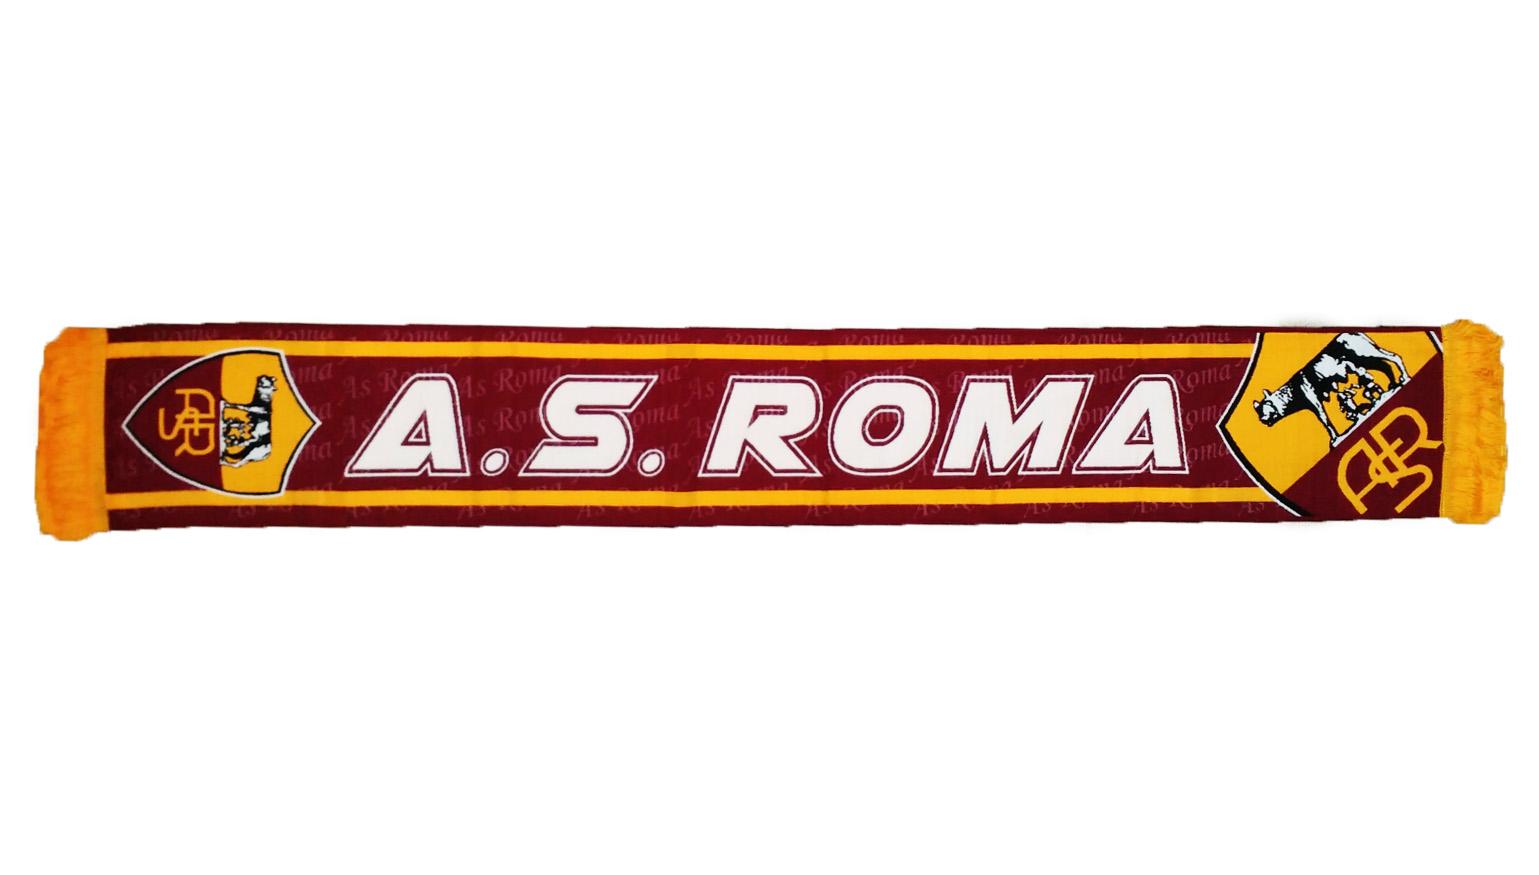 4eab351b5dce Шарф Рома - Футбольные шарфы - токка, металлист, футбол, магазин ...